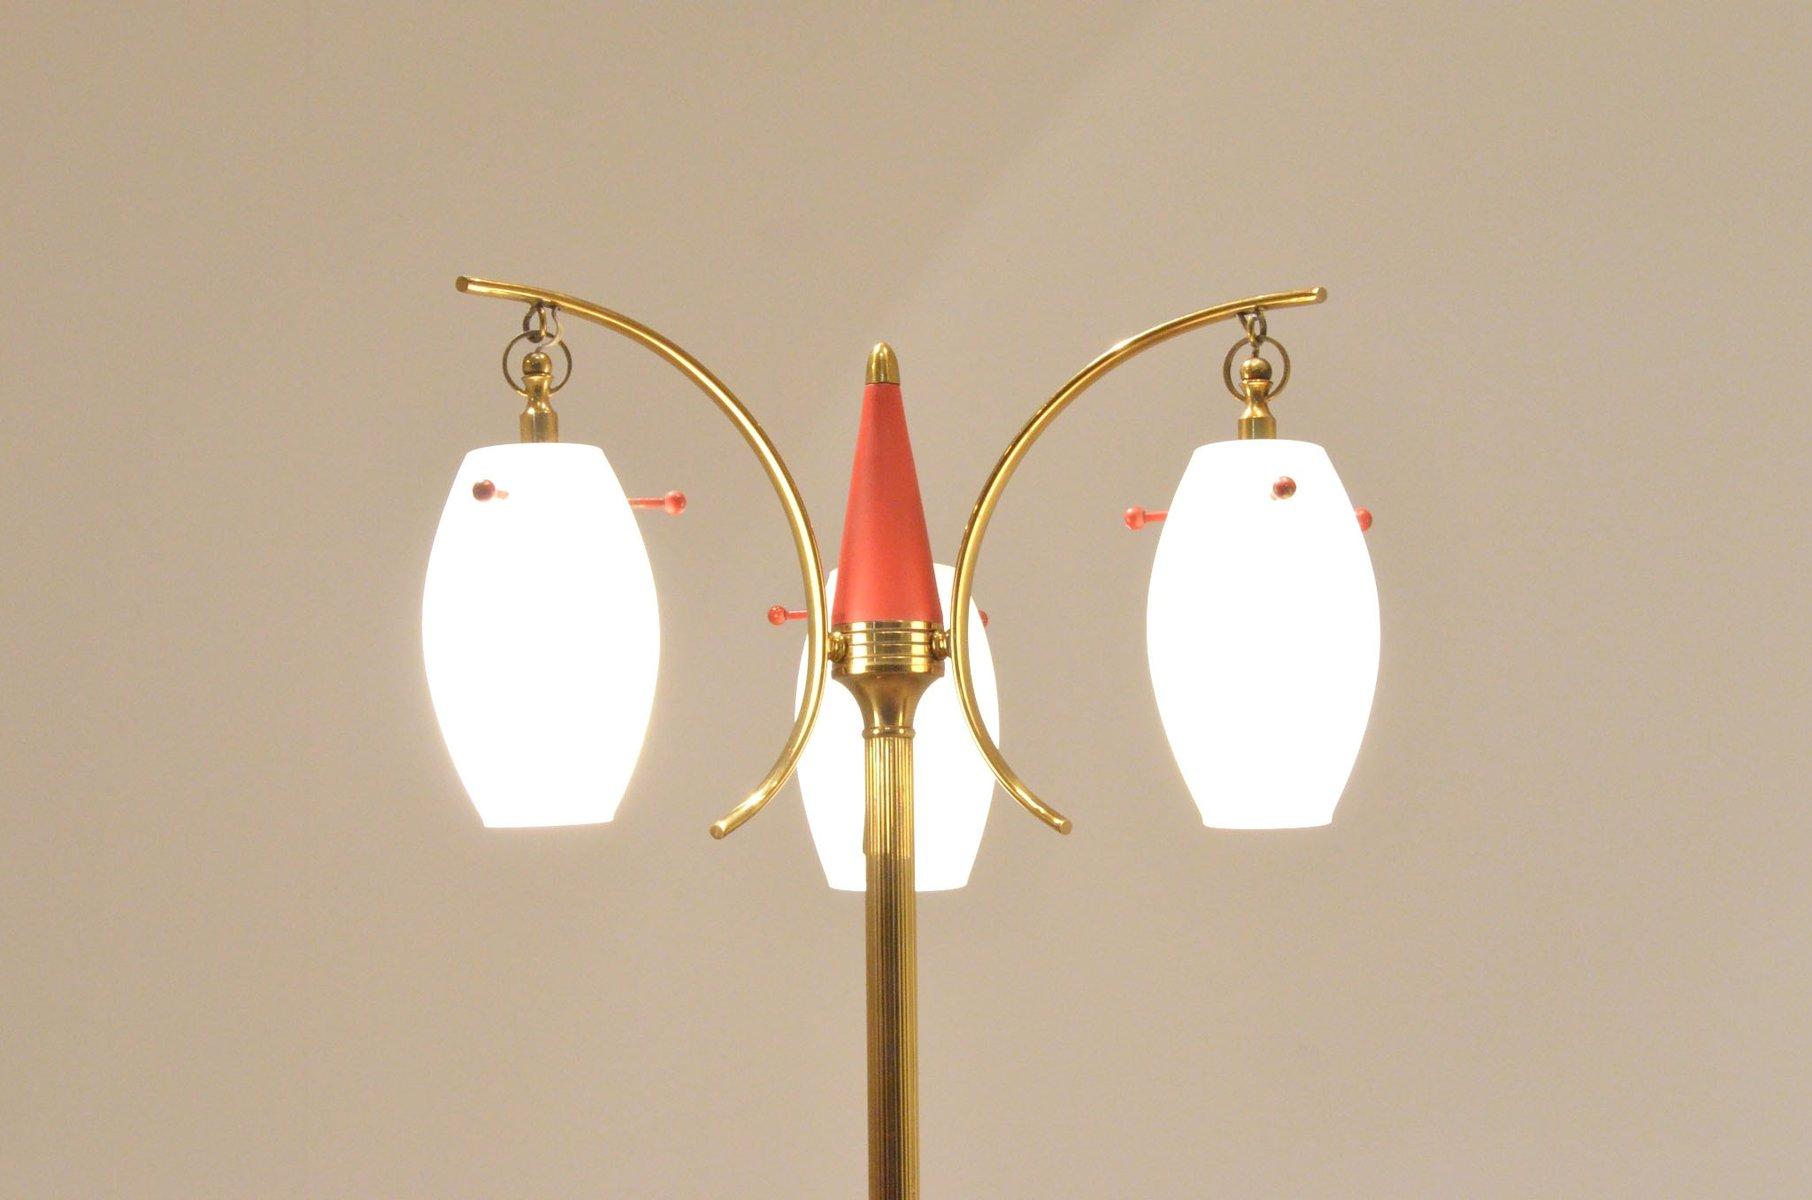 italienische mid century stehlampe aus opalglas messing bei pamono kaufen. Black Bedroom Furniture Sets. Home Design Ideas